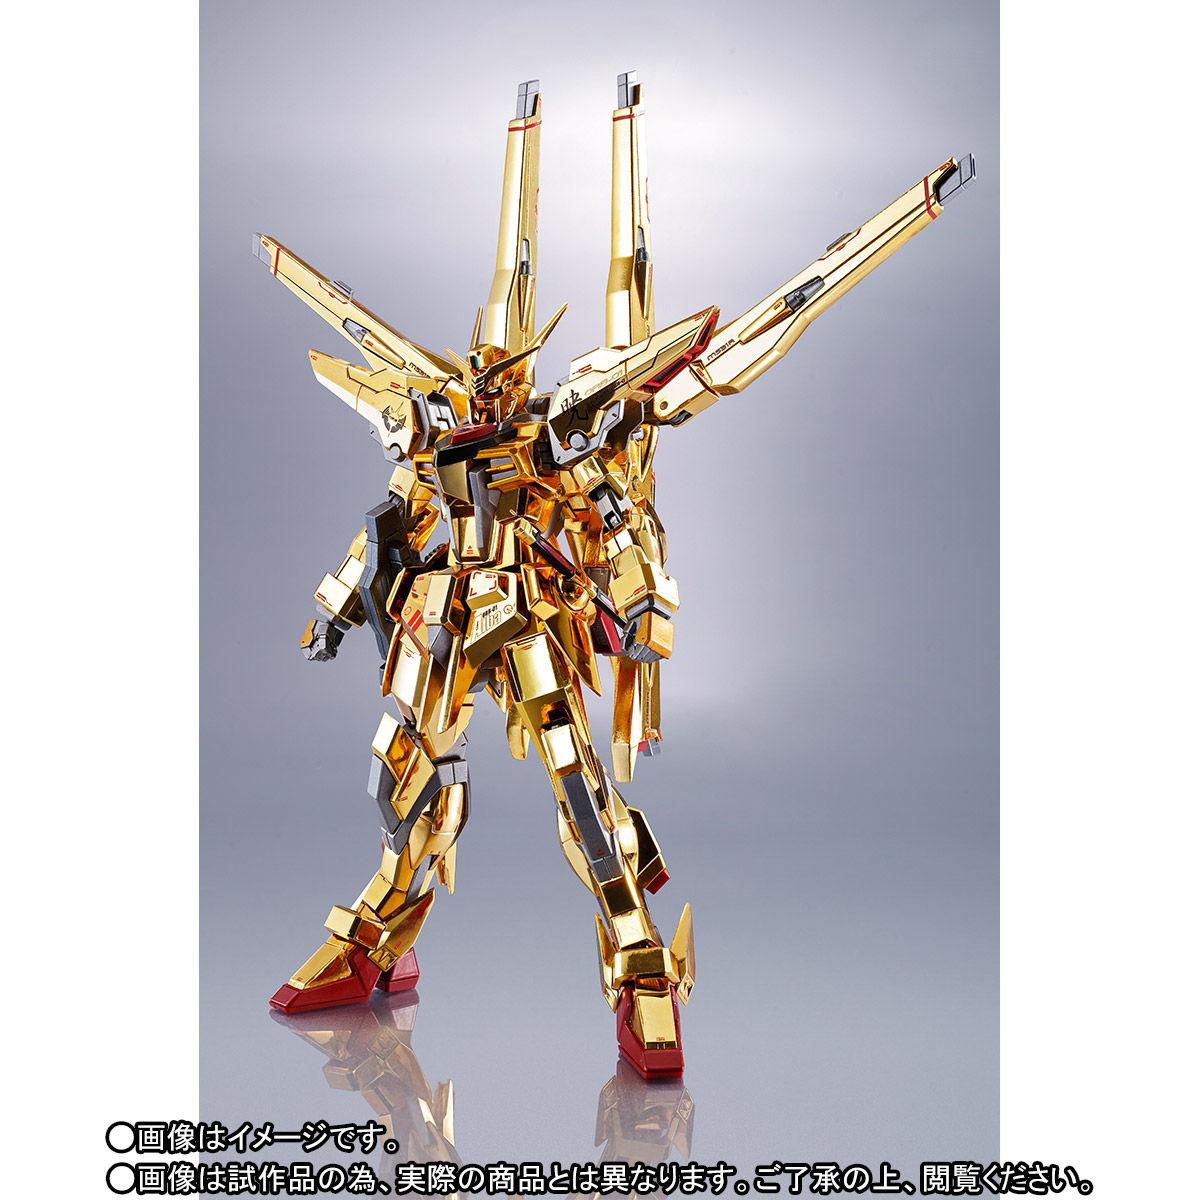 【限定販売】METAL ROBOT魂〈SIDE MS〉『アカツキガンダム(シラヌイ装備)』機動戦士ガンダムSEED DESTINY 可動フィギュア-002